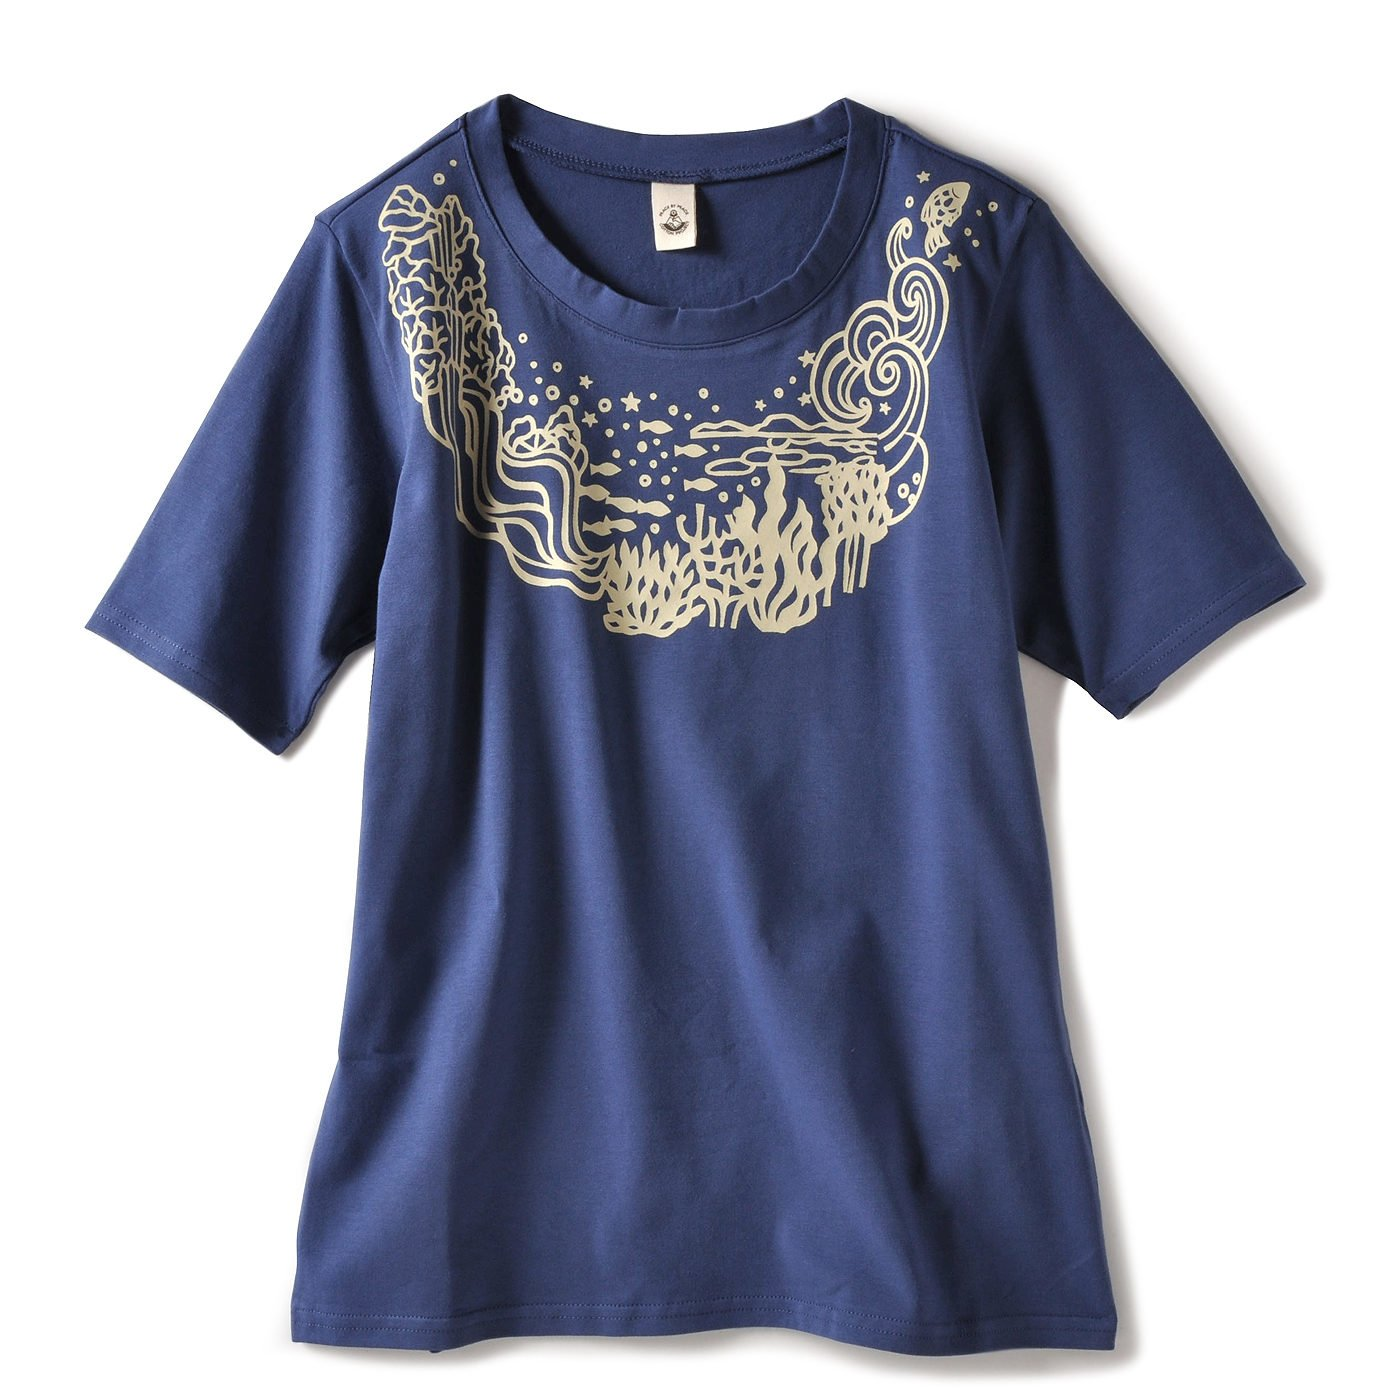 PEACE BY PEACE コットンプロジェクト のびやかヨガTシャツ〈穏やかな水〉